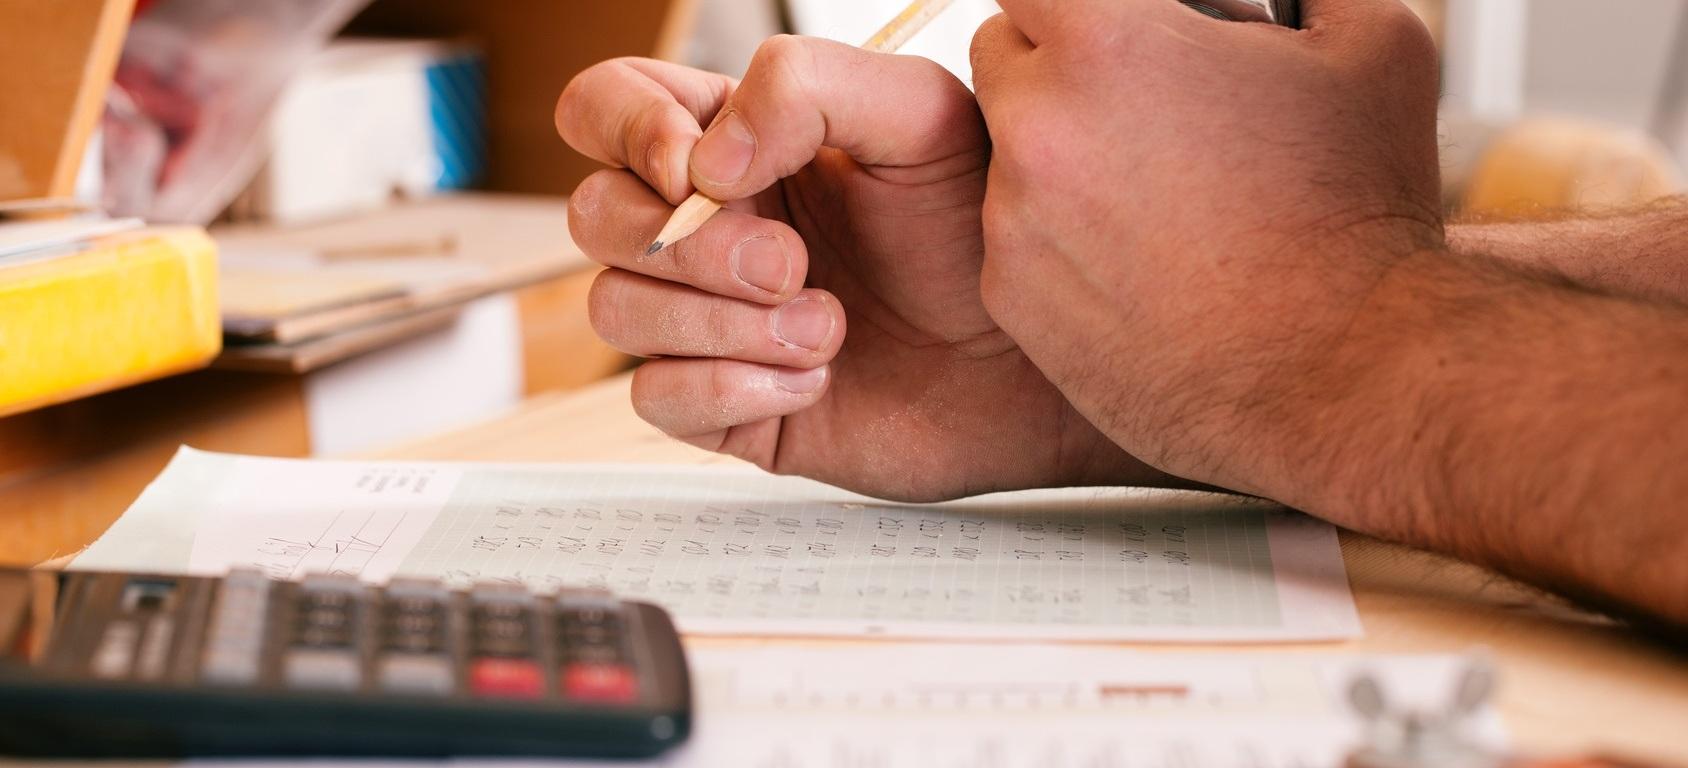 Offerten Richtig Kalkulieren Ofris Tipps Für Kleinunternehmen